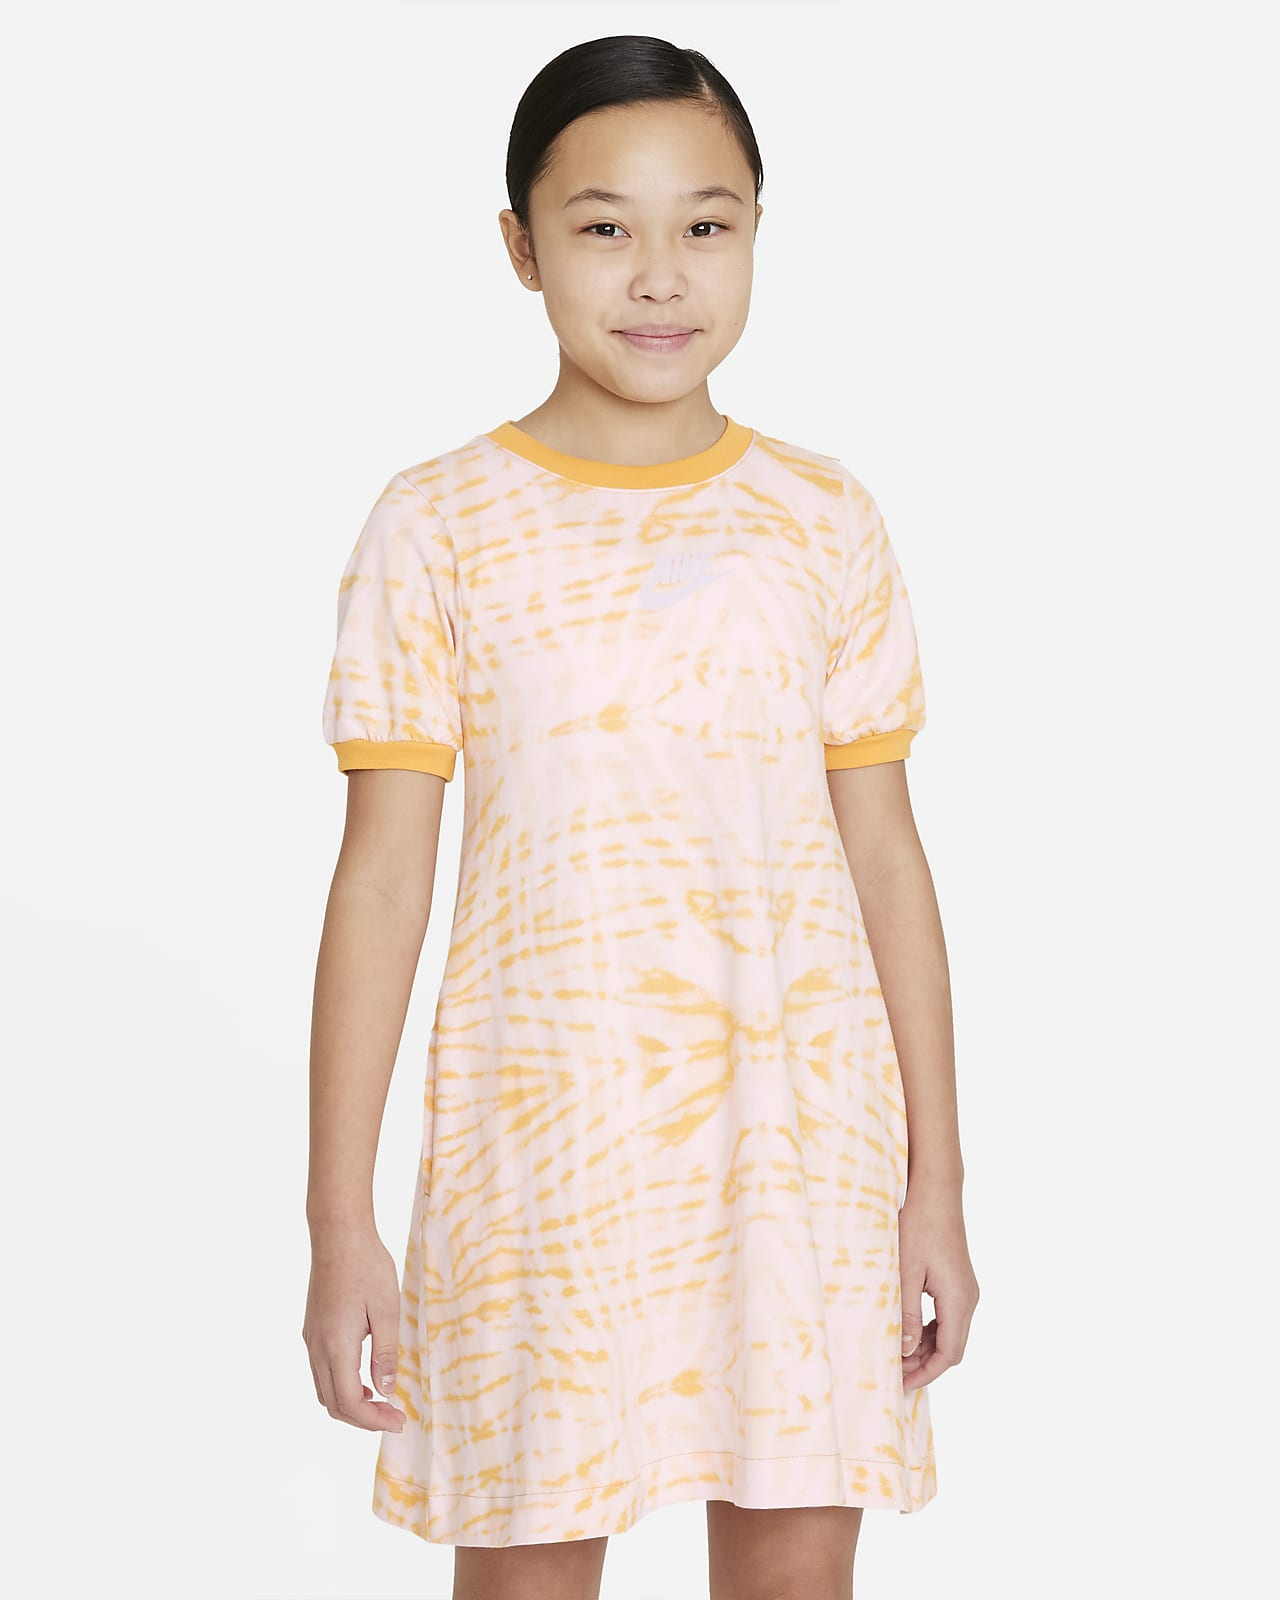 Mönstrad kortärmad klänning Nike Sportswear för tjejer